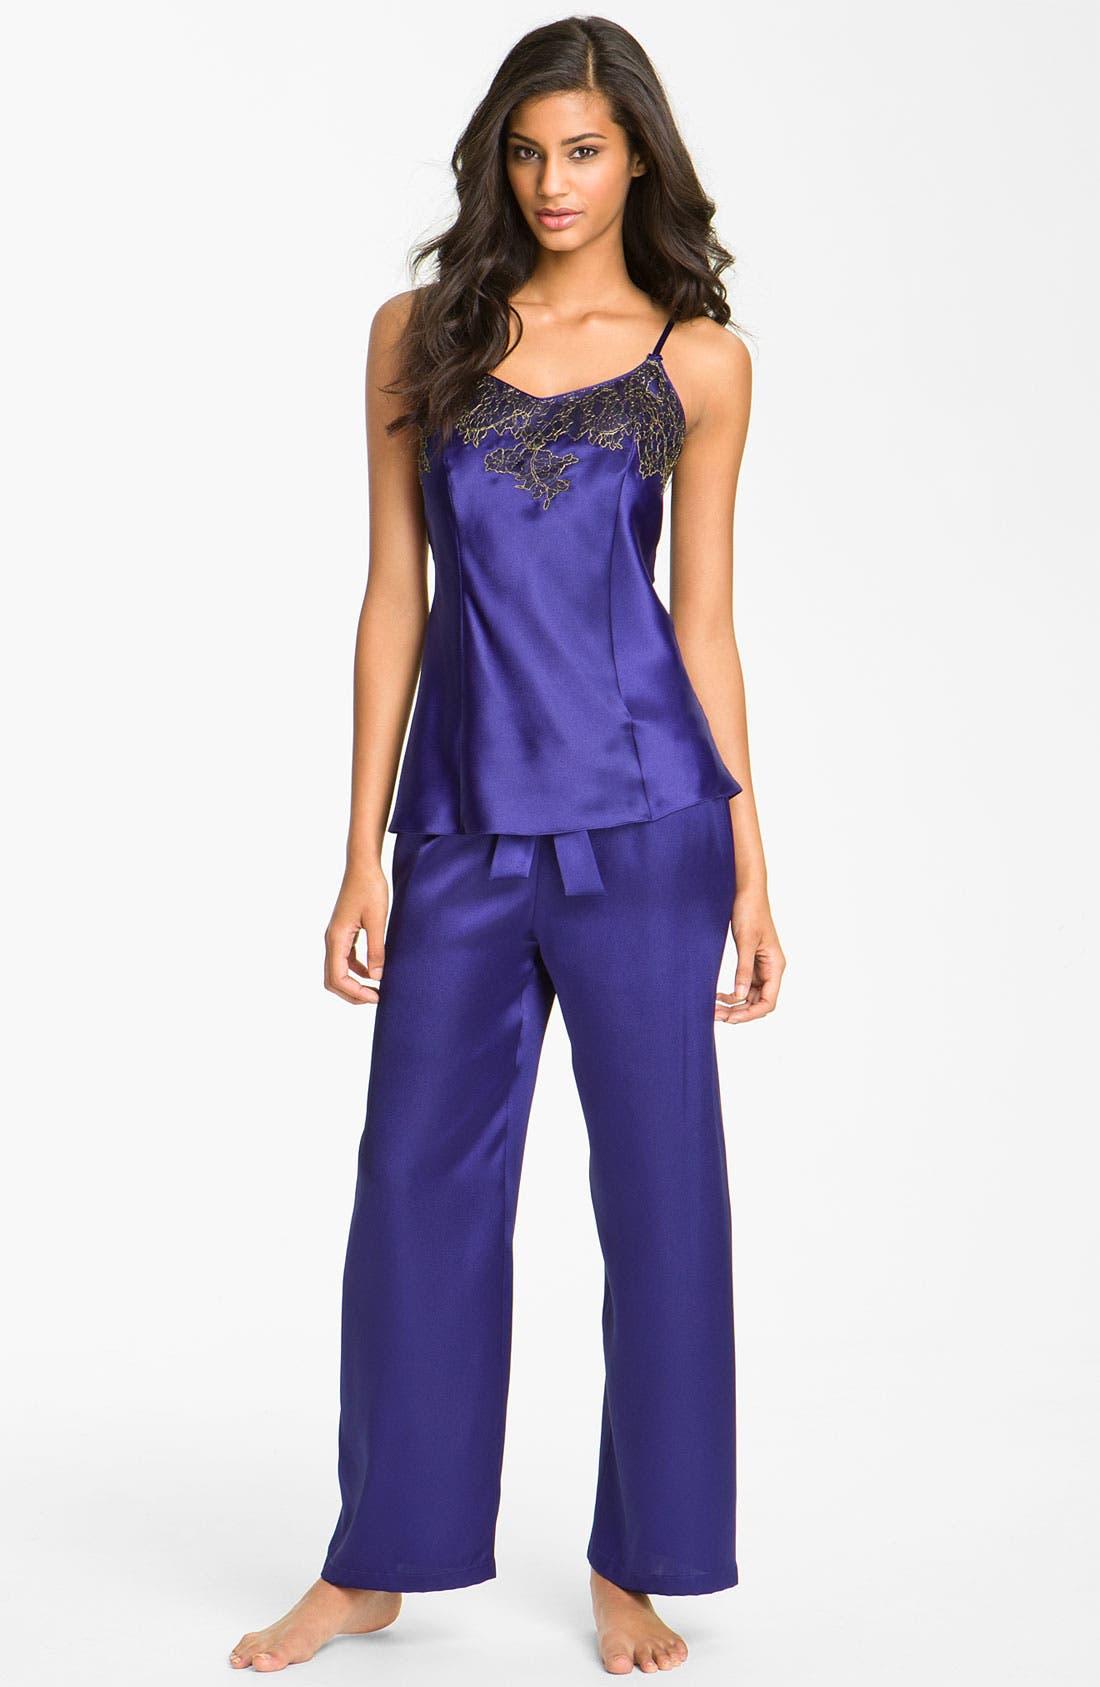 Alternate Image 1 Selected - Oscar de la Renta Sleepwear 'Twilight Lace' Pajamas